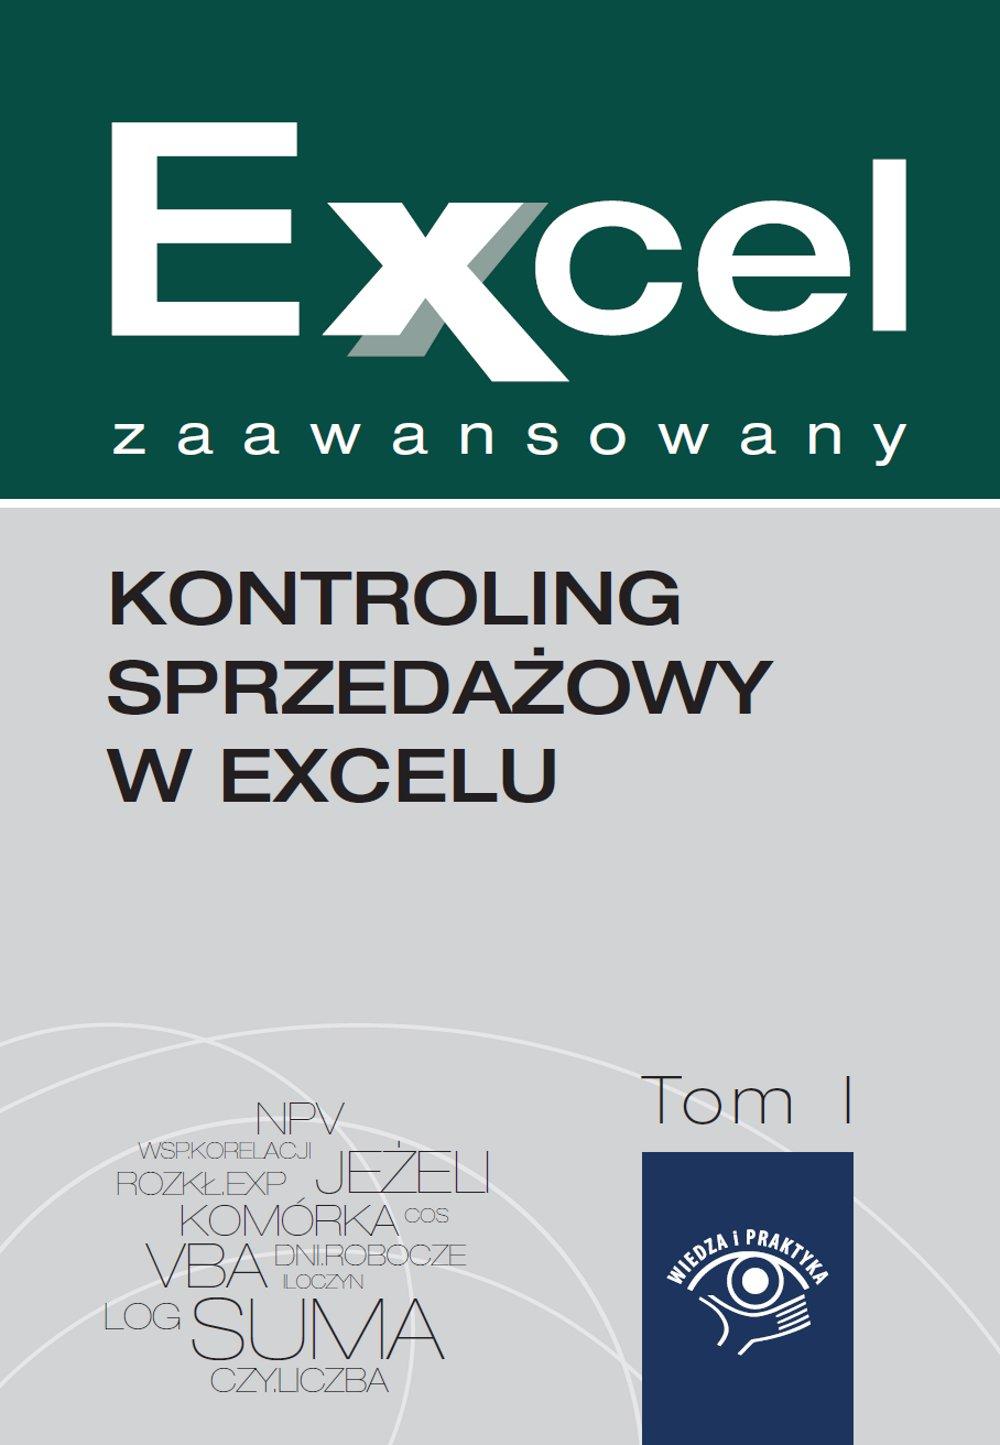 Kontroling sprzedażowy w Excelu - Ebook (Książka PDF) do pobrania w formacie PDF